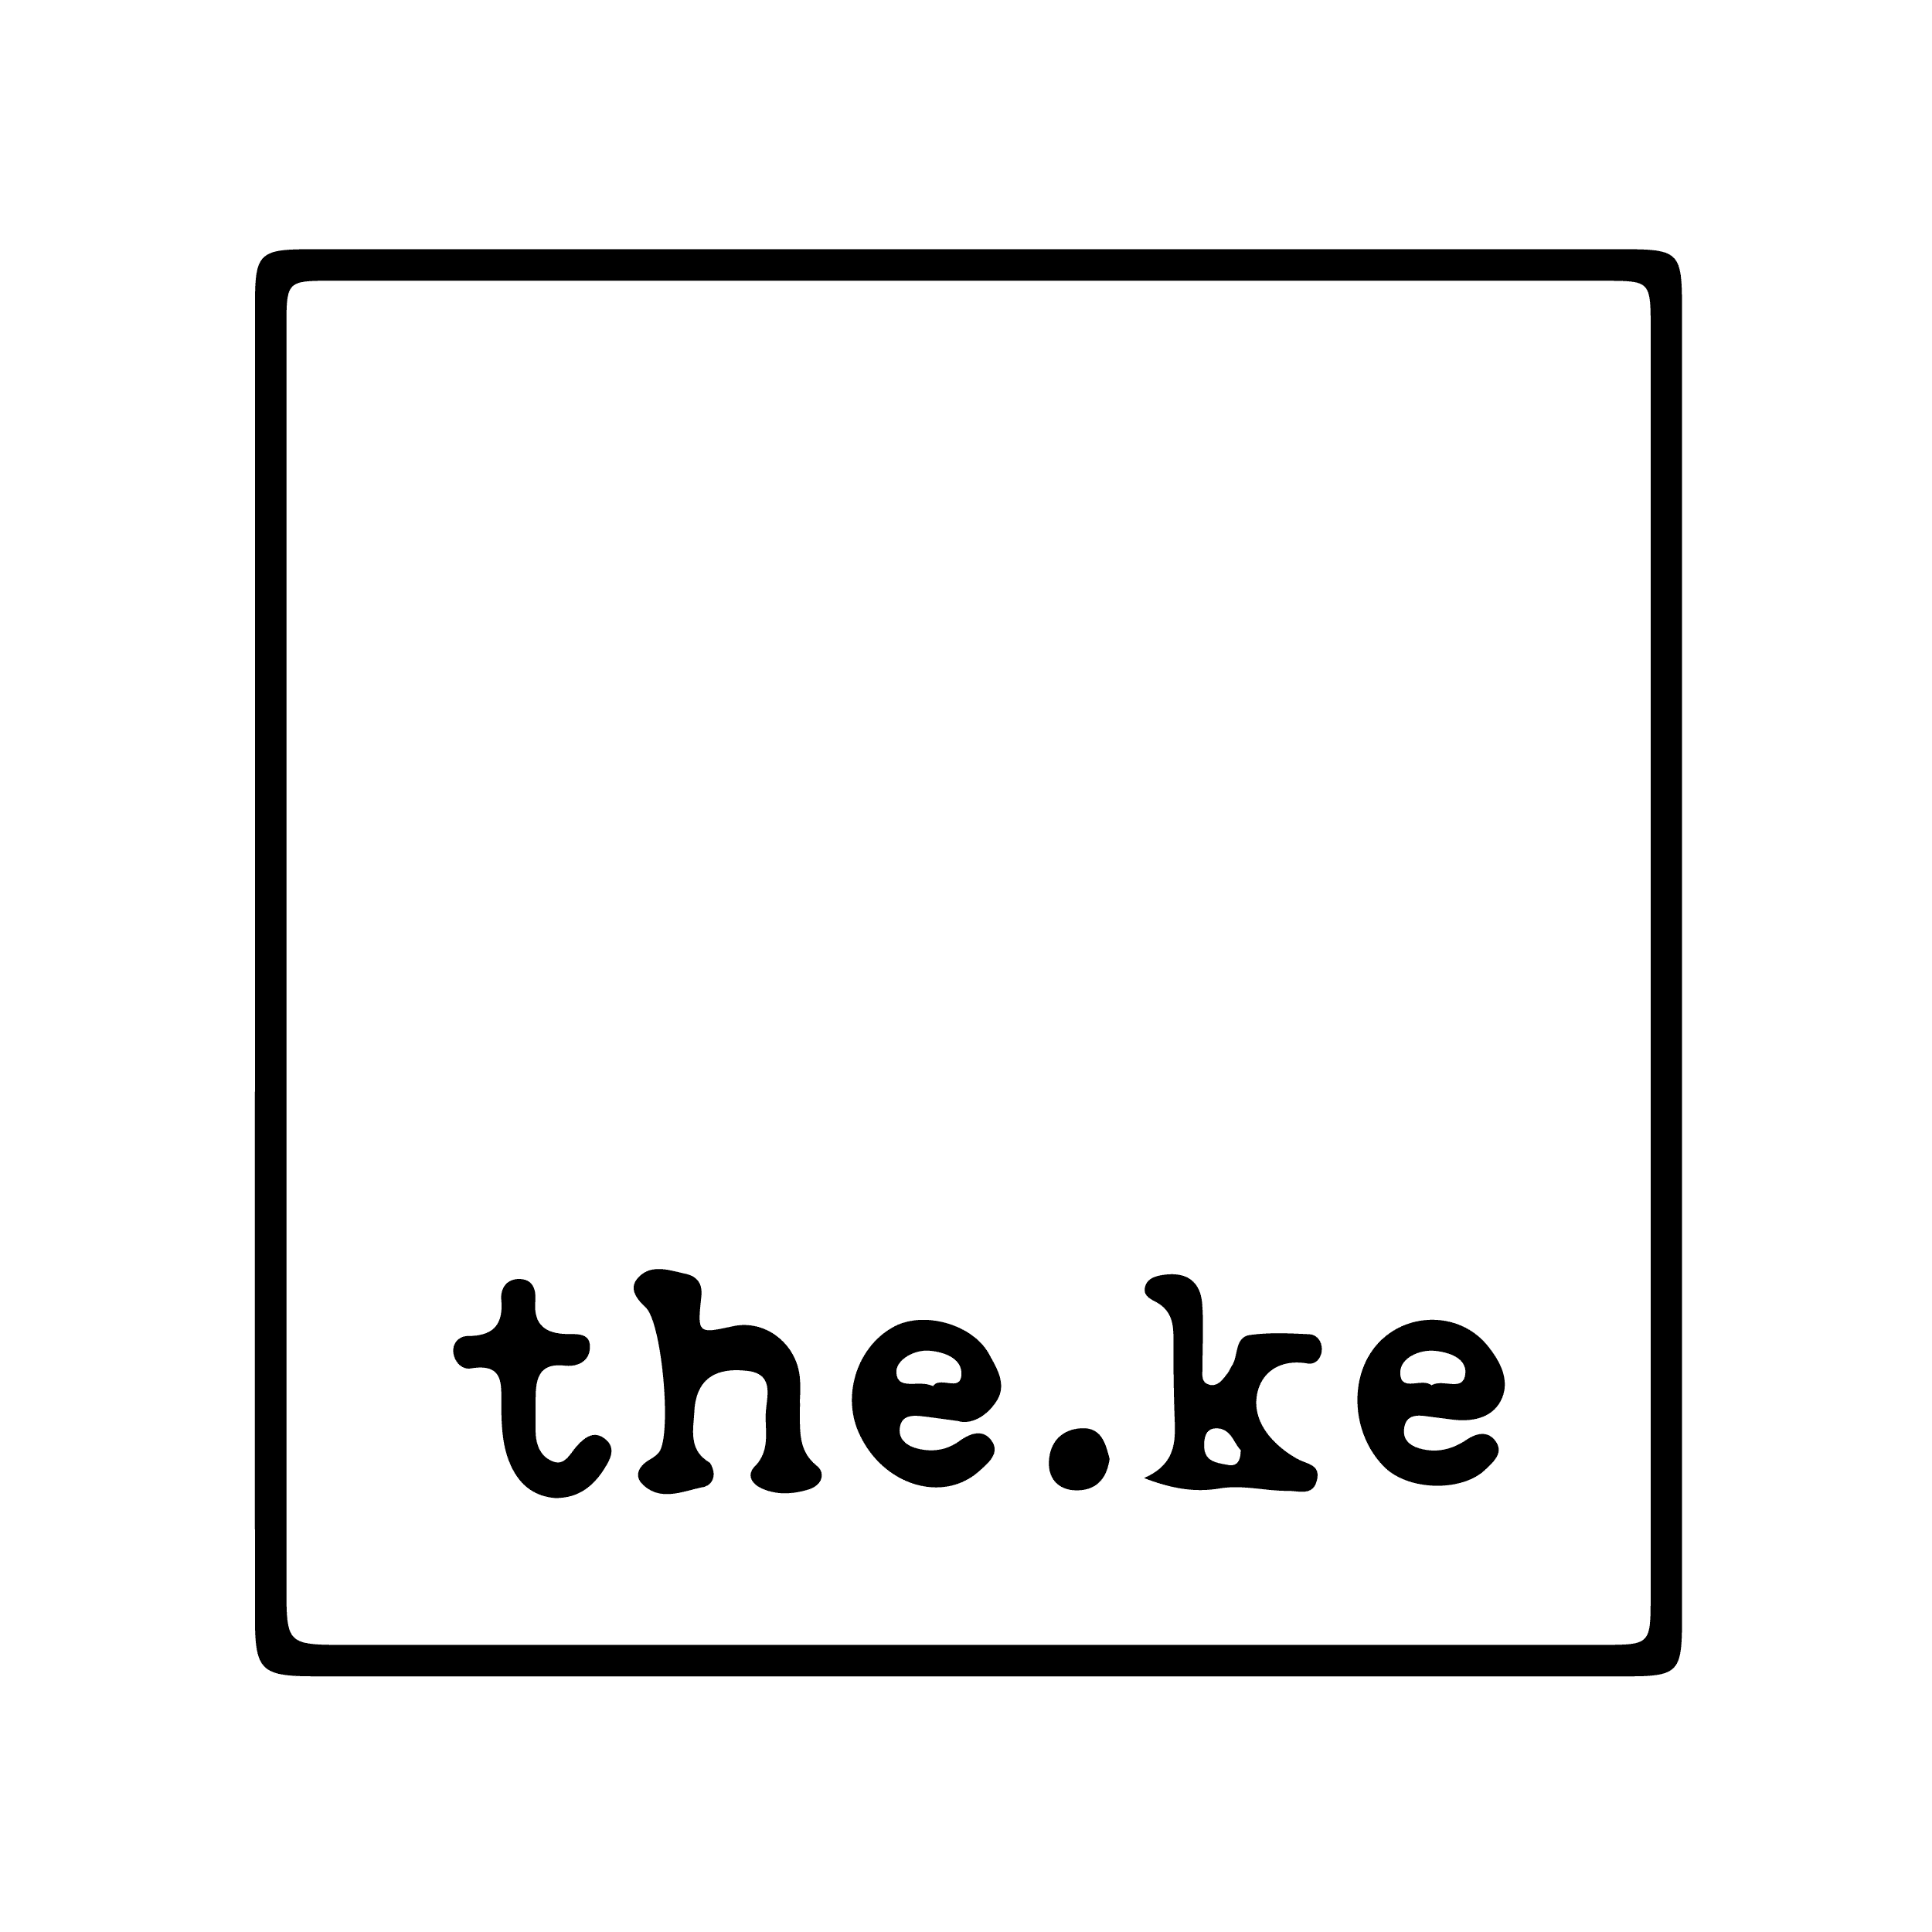 the.ke